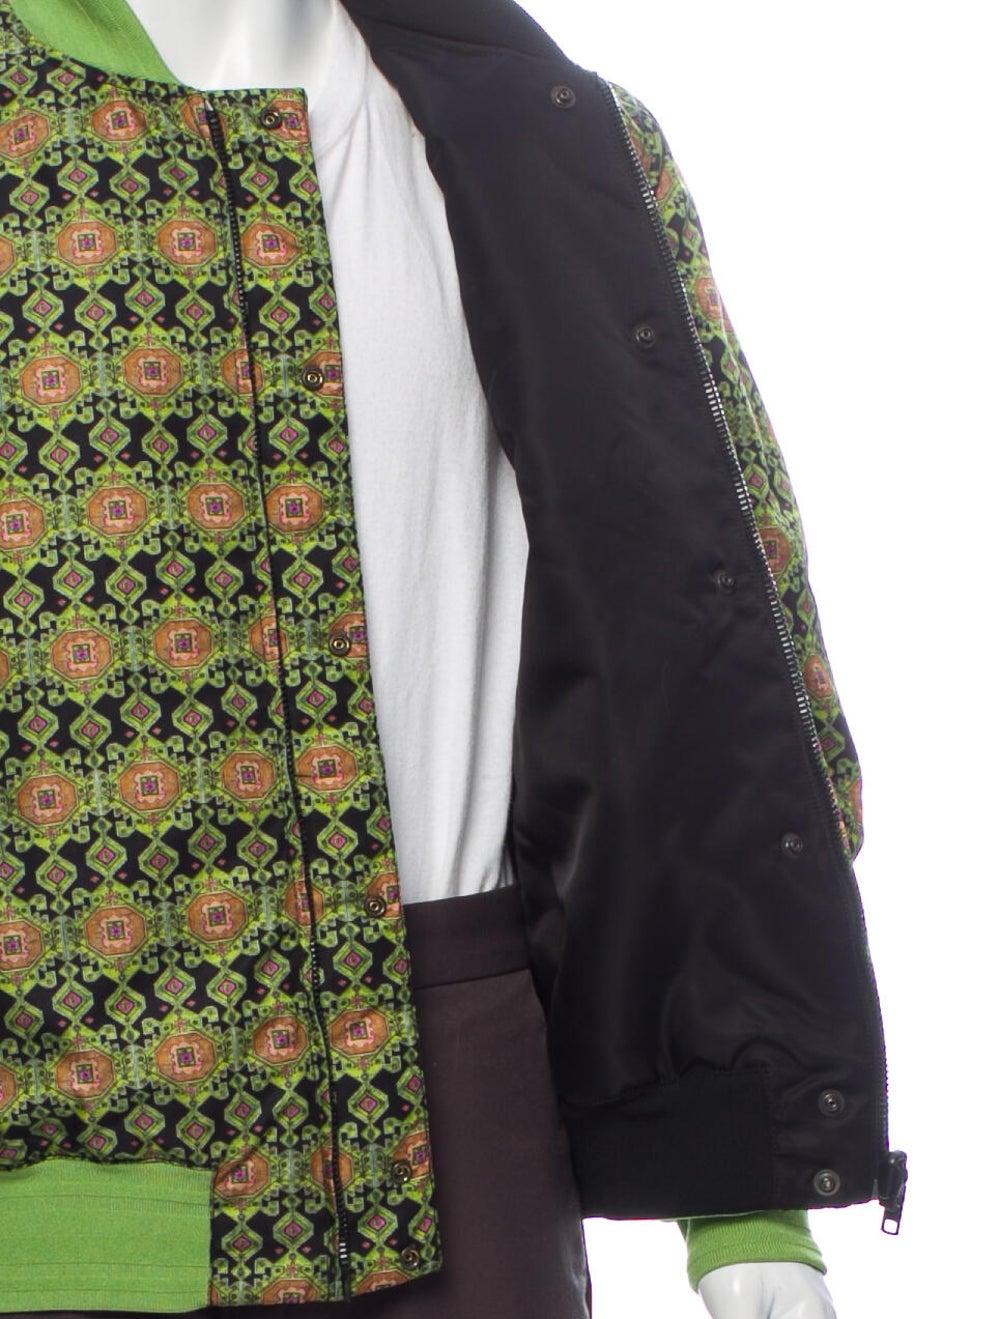 Givenchy Printed Bomber Jacket Green - image 4